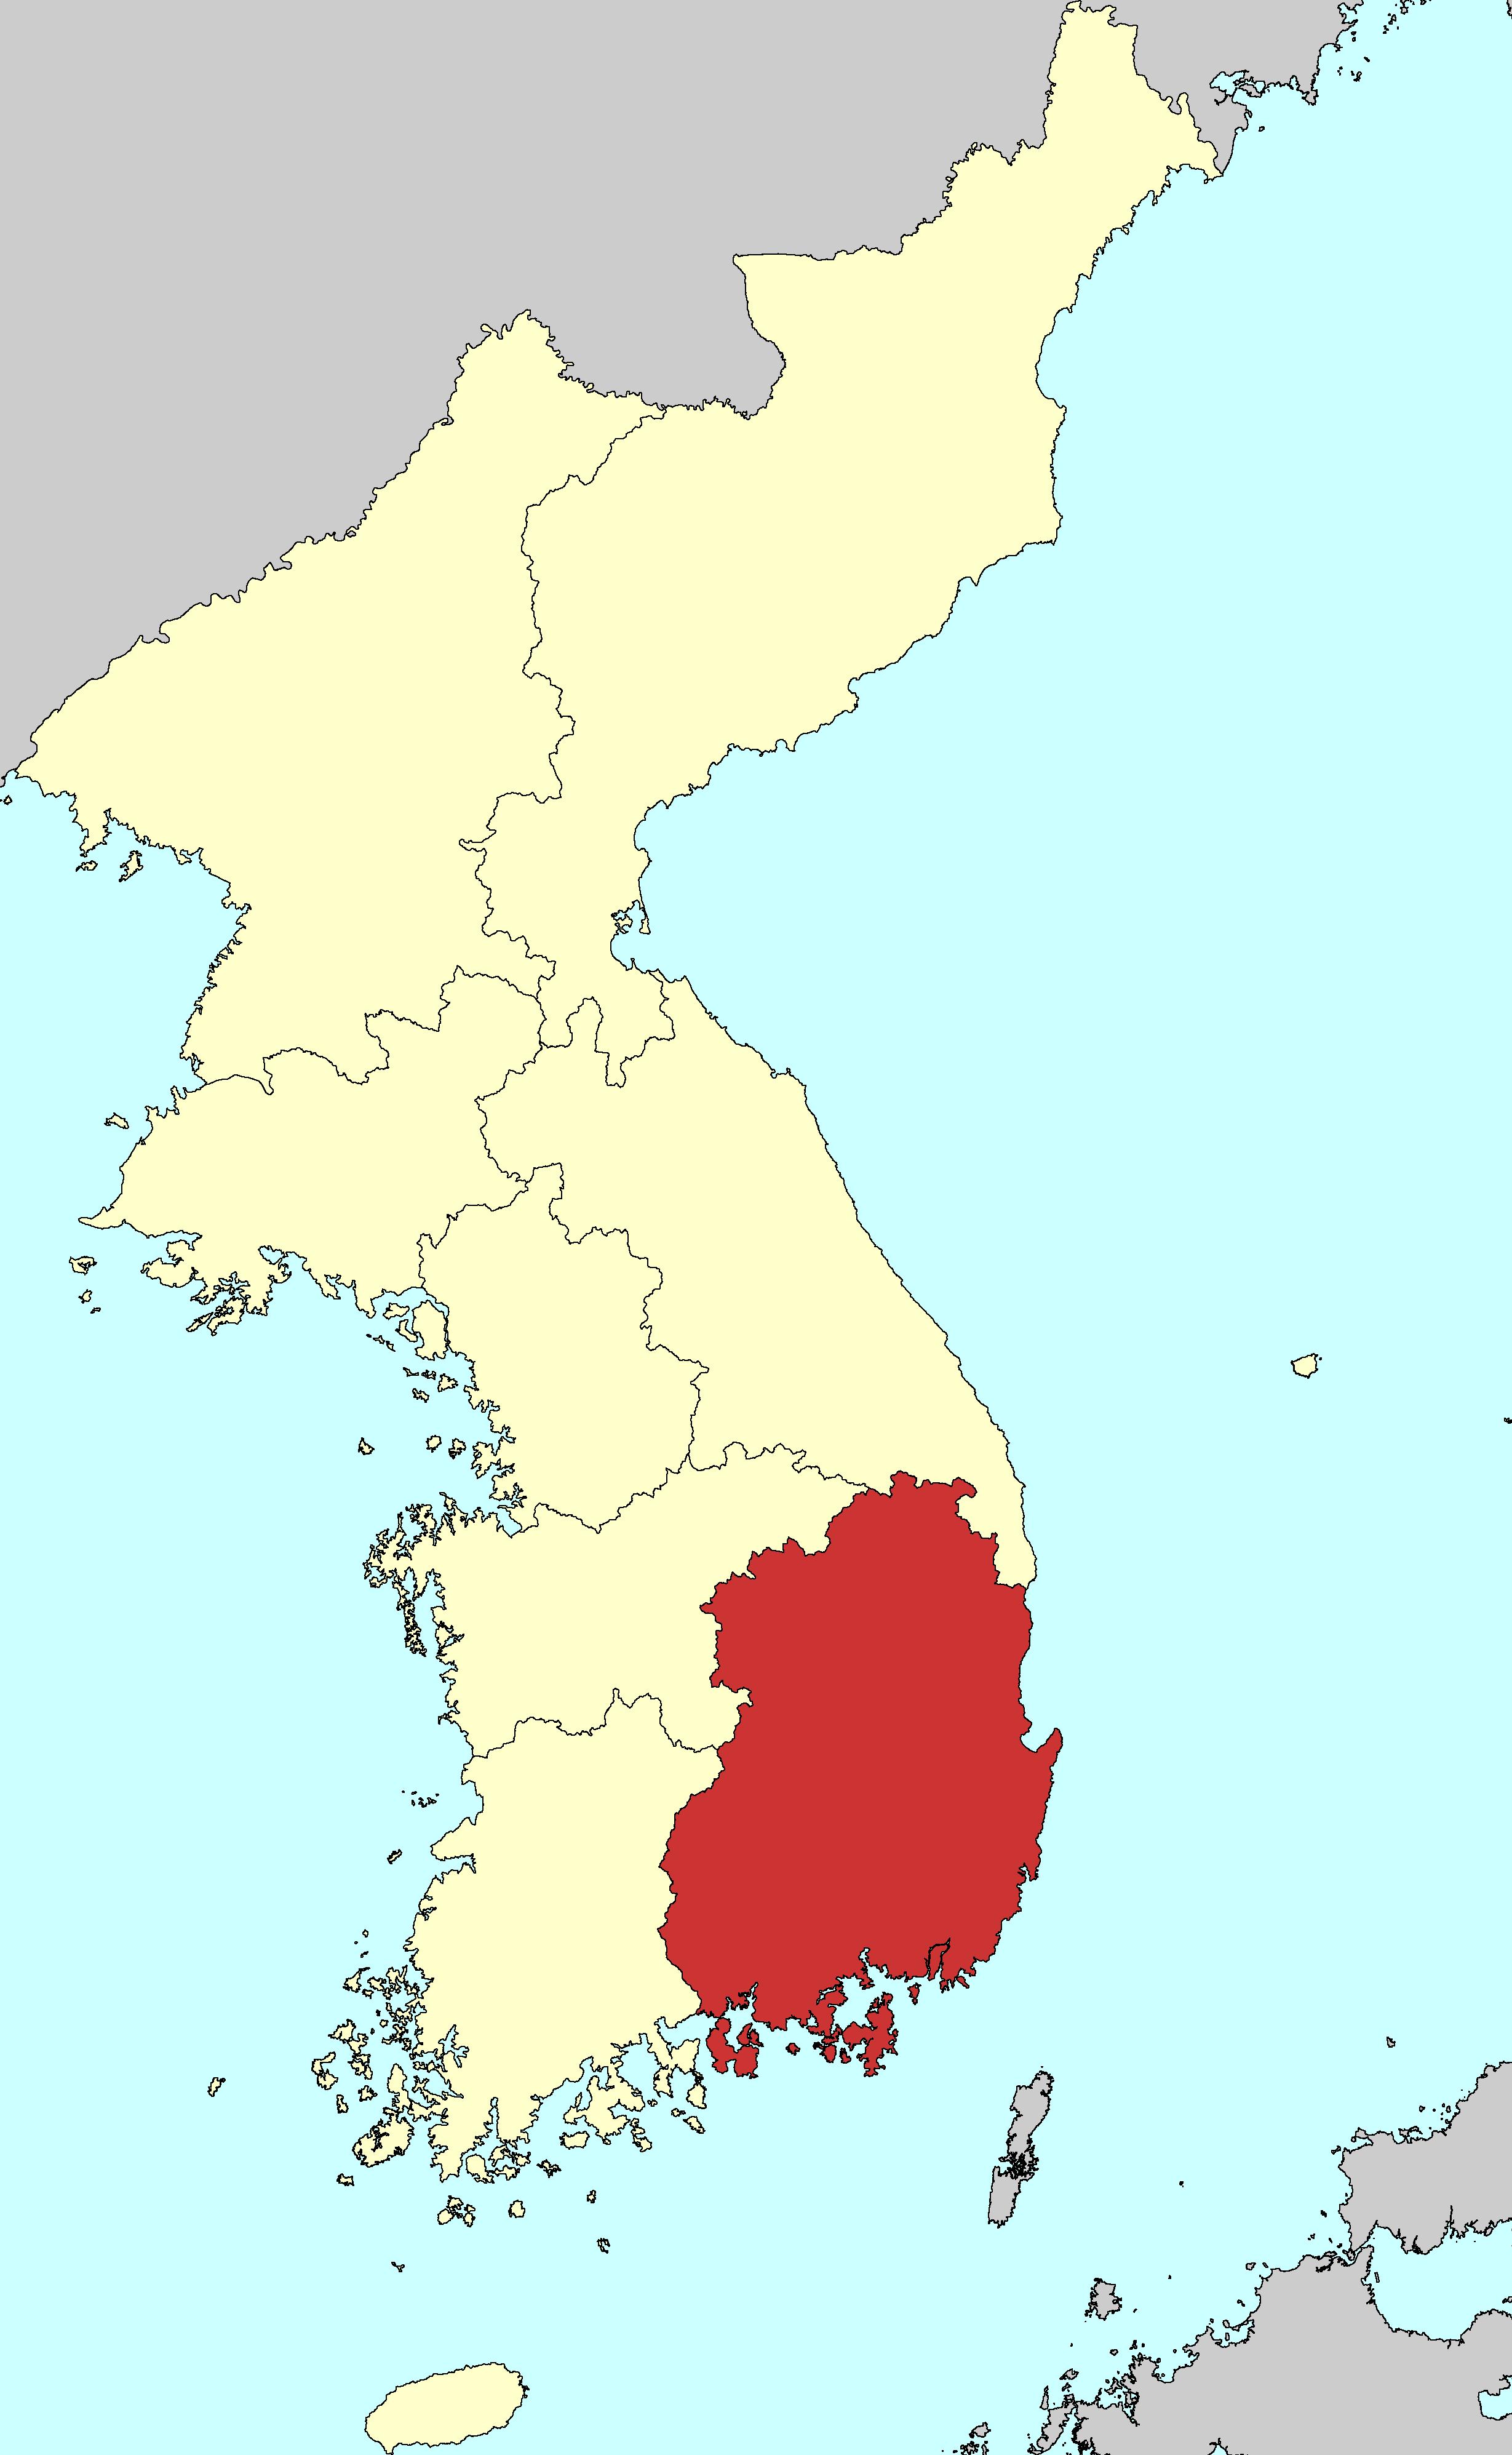 Gyeongsang Province - Wikipedia